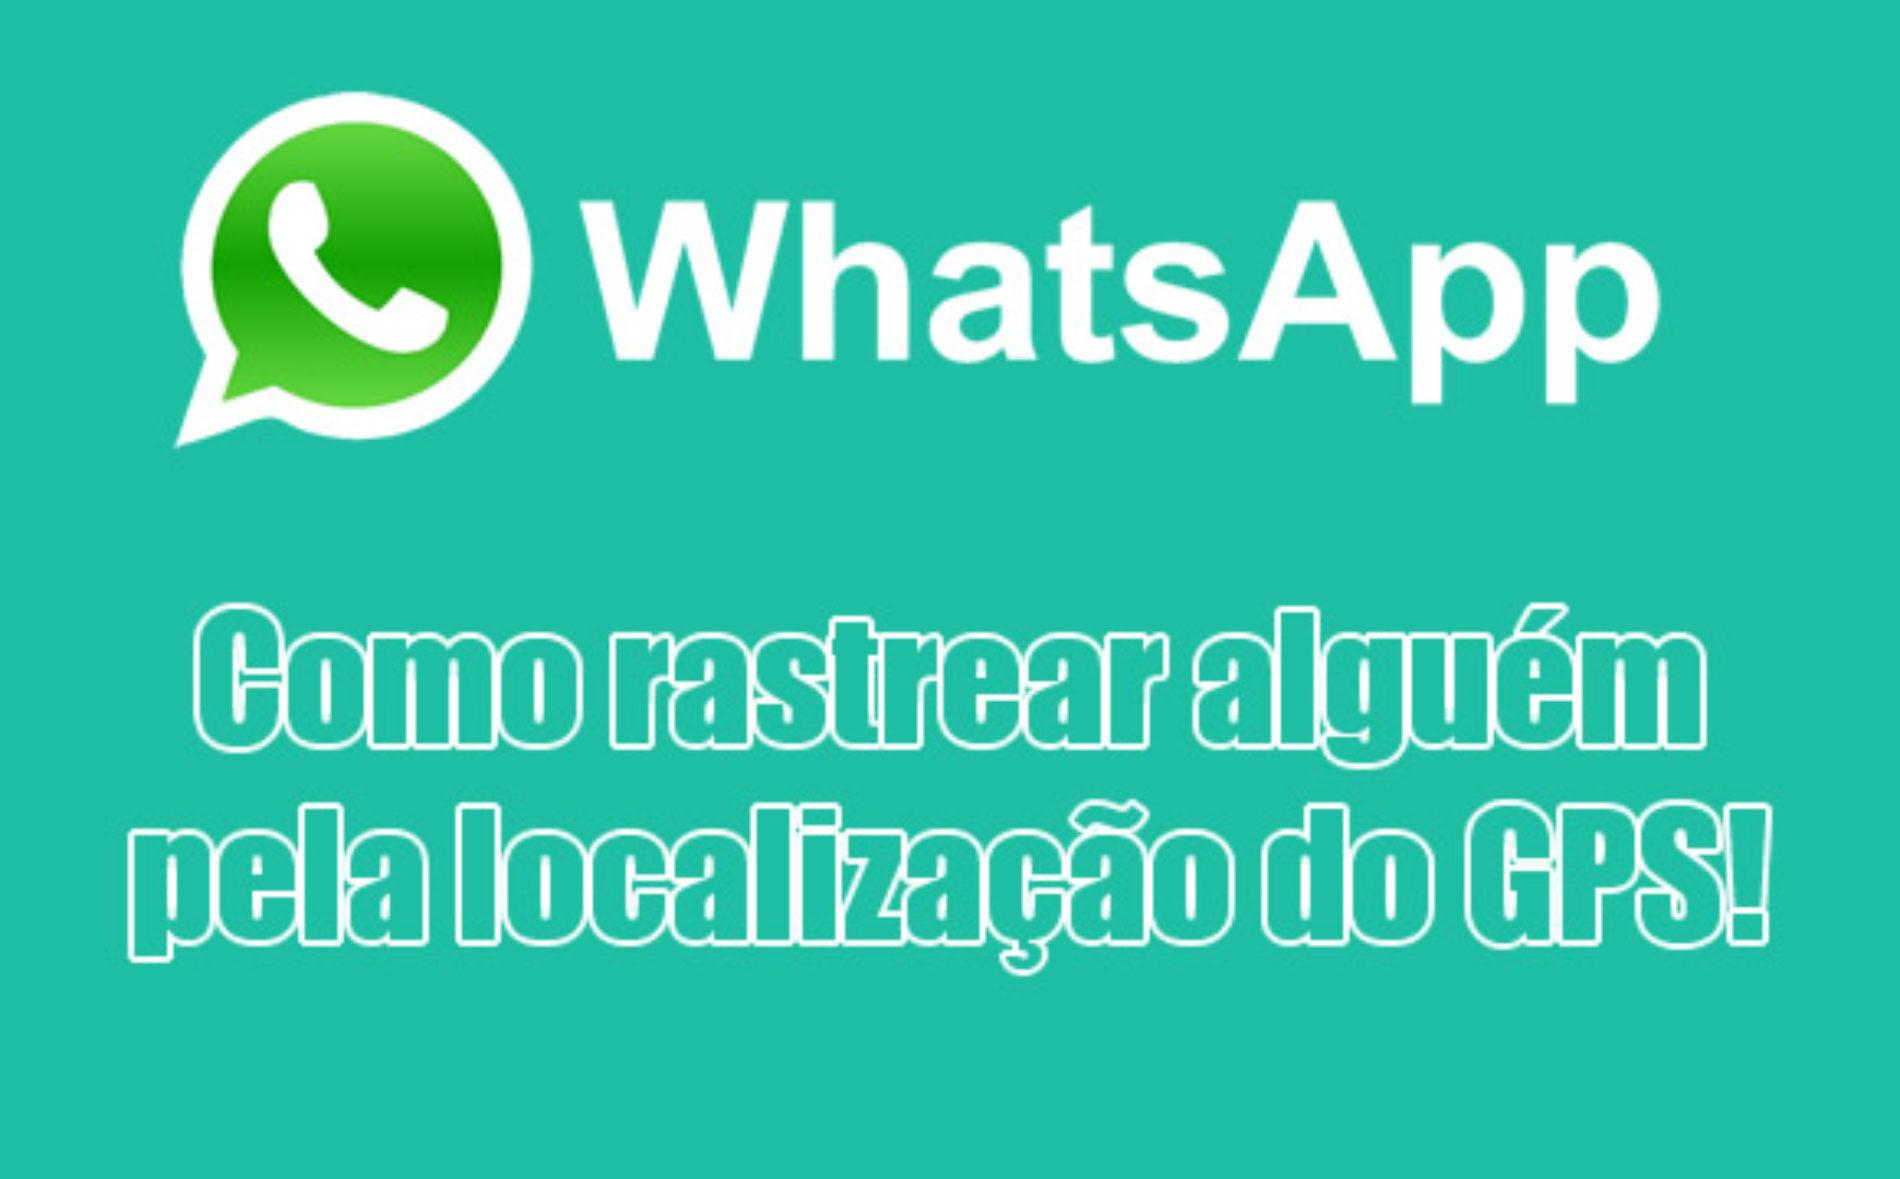 Como fazer para rastrear o WhatsApp de alguém? Consulta de localização!